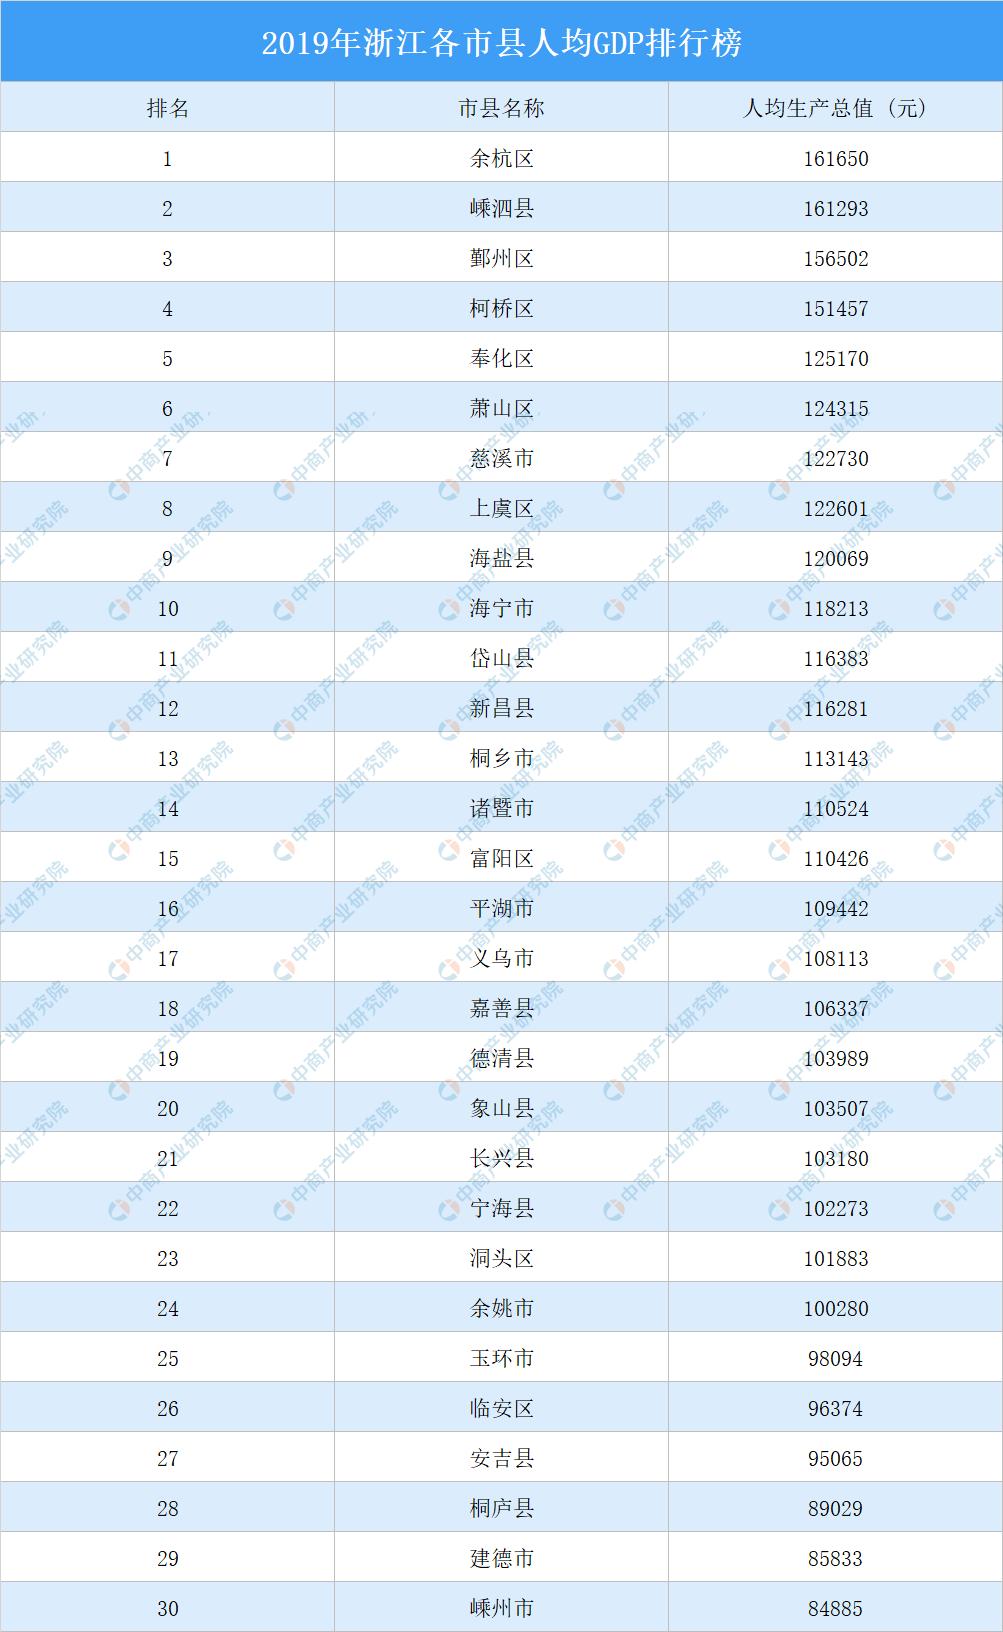 江西各个市的人均gdp排行榜_江西省2014年各地级市人均GDP排名